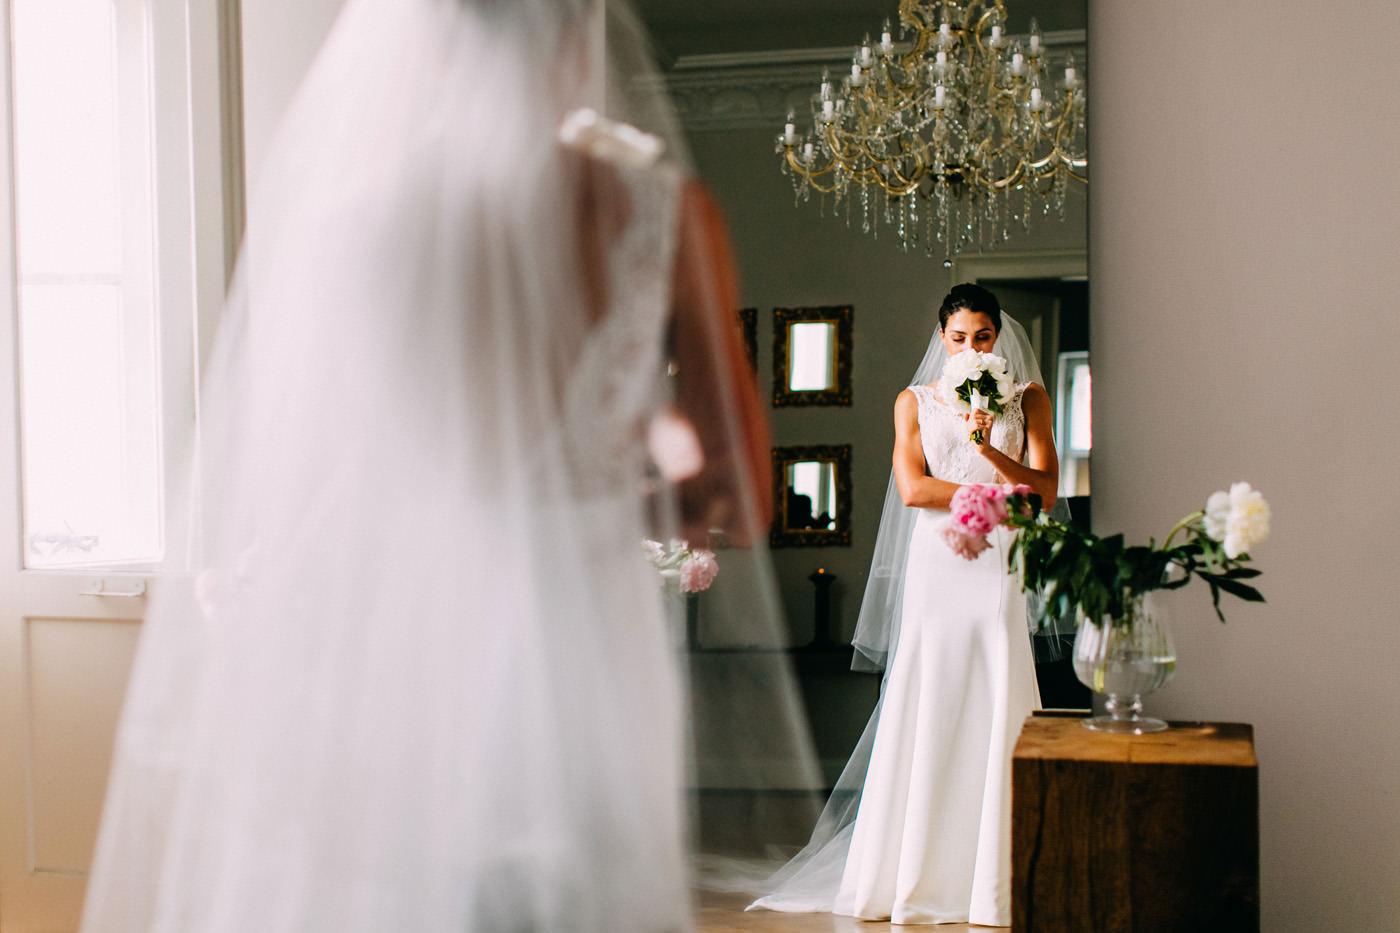 suknia slubna robert czerwik- wesele amber room- luke sezeck